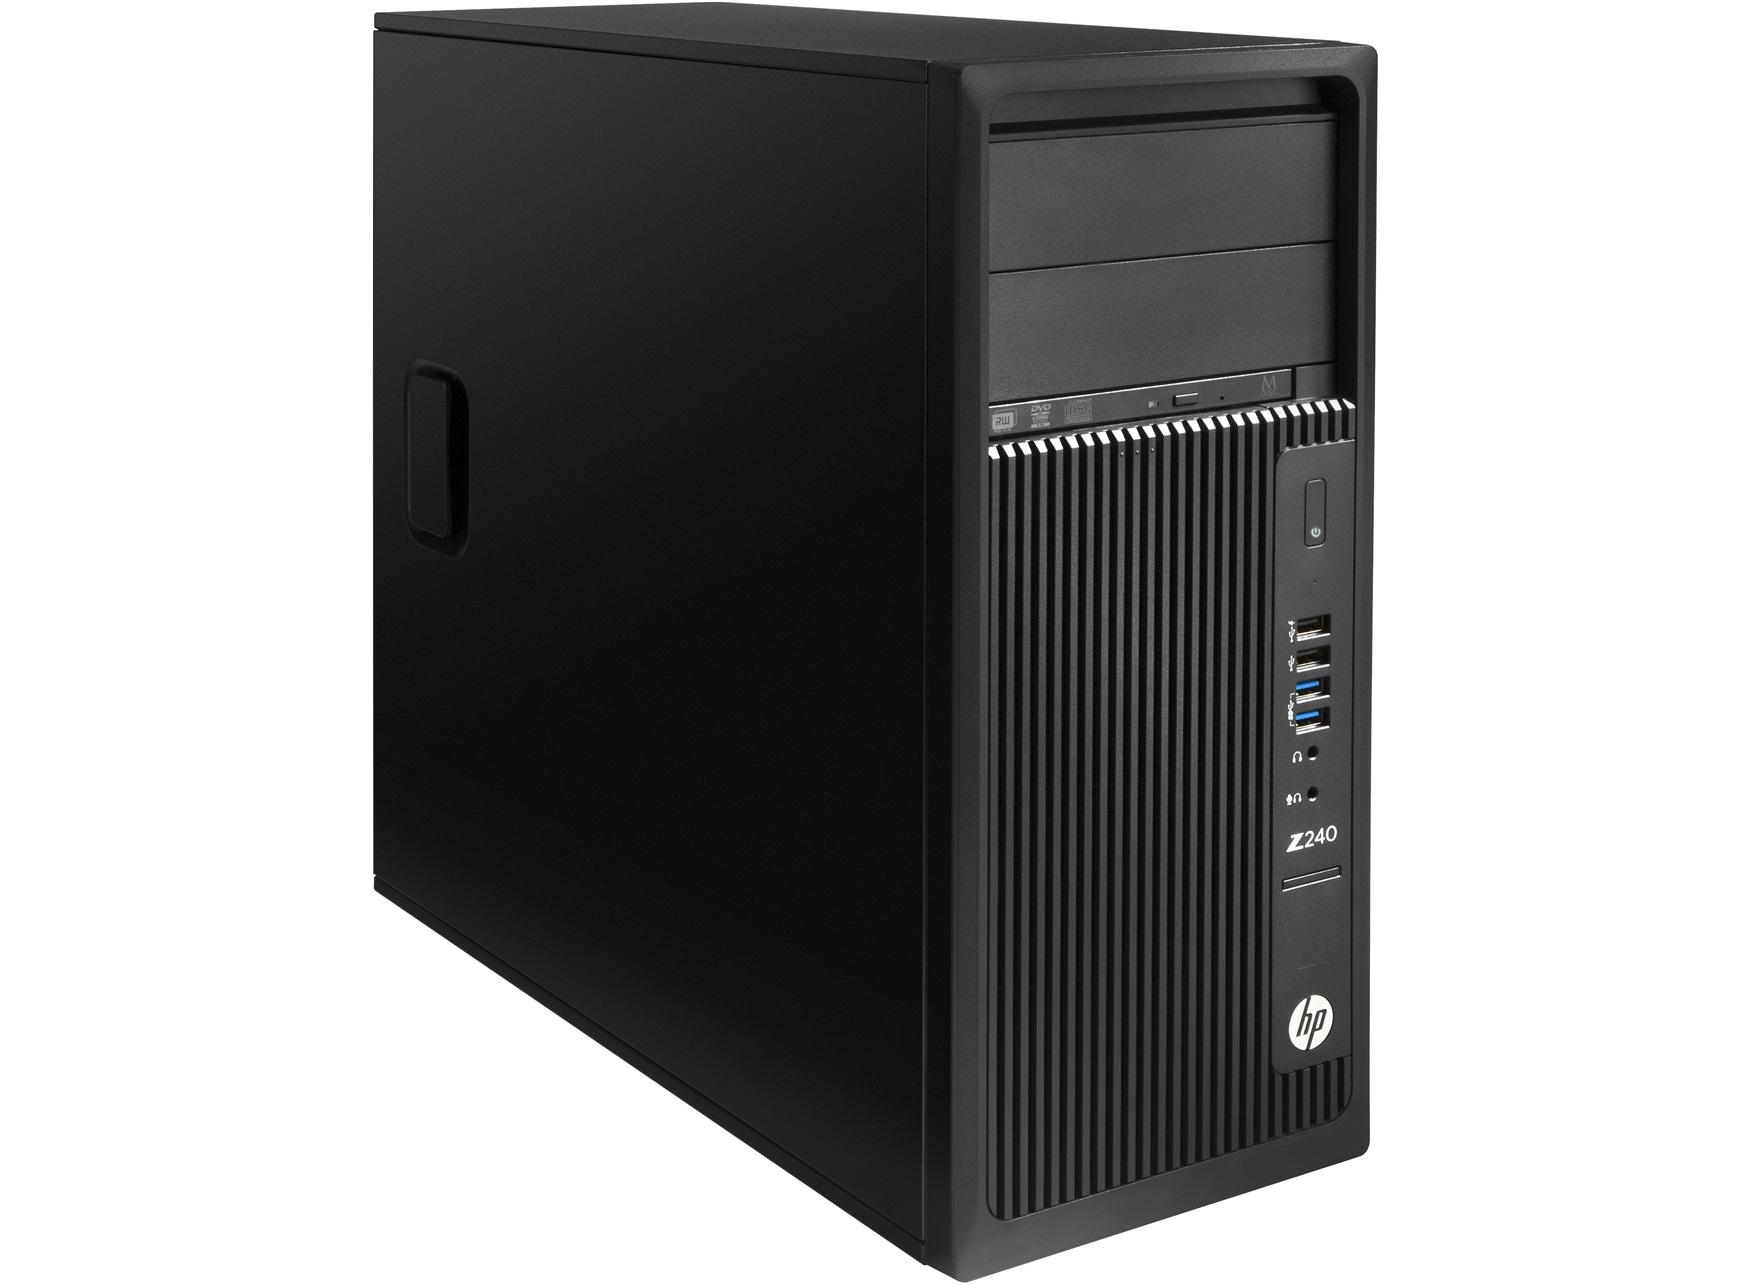 HP Z240 TWR 3.2GHz i5-6500 Torre Nero Stazione di lavoro